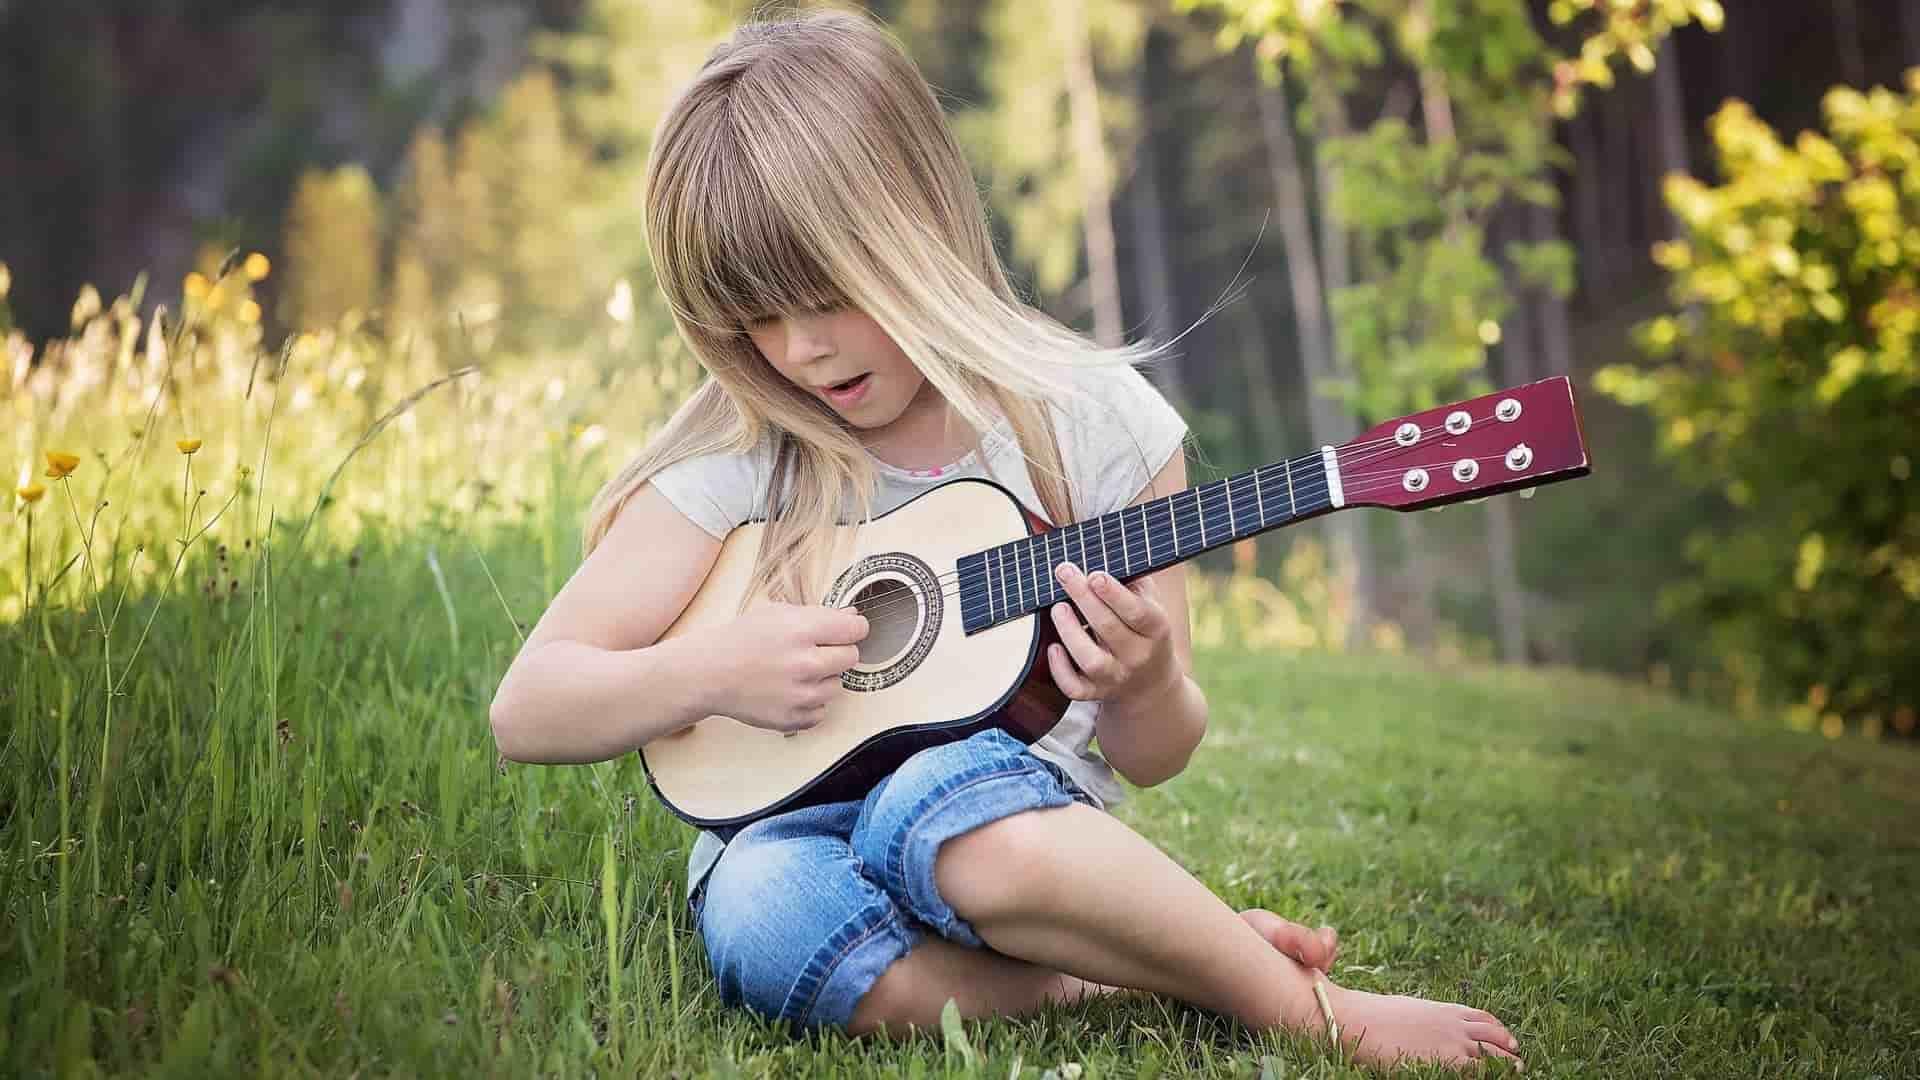 Music Teenage girl